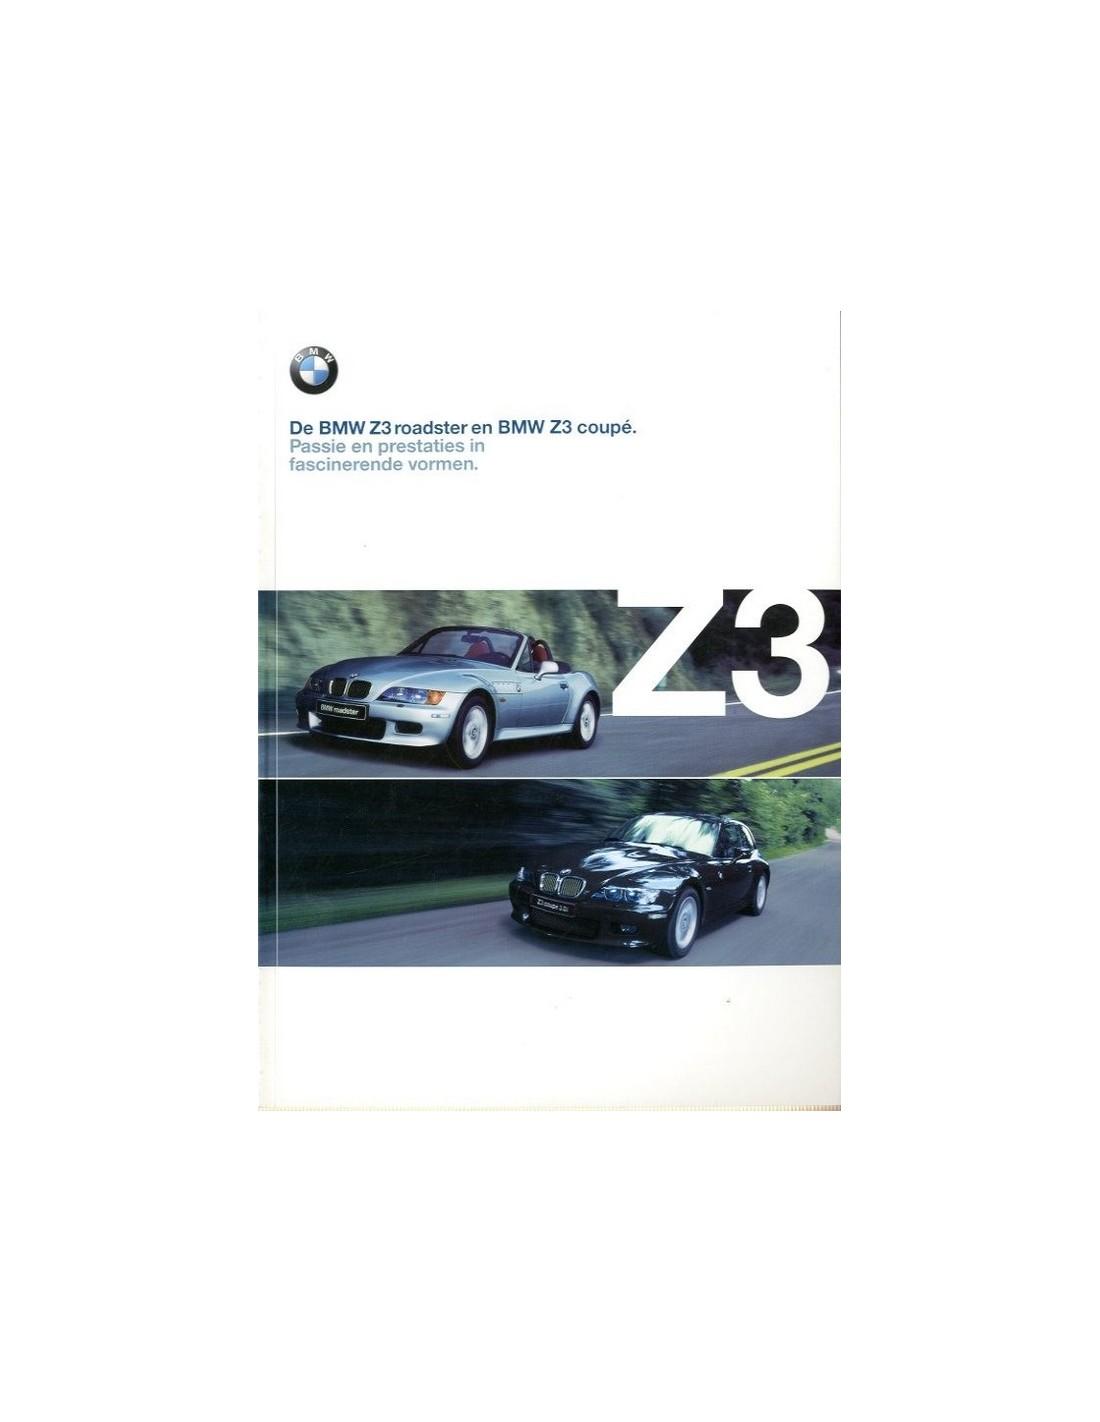 Bmw Z3 James Bond Edition For Sale: Bmw Z3 Brochure.2000 BMW Z3 ROADSTER COUPE BROCHURE DUTCH